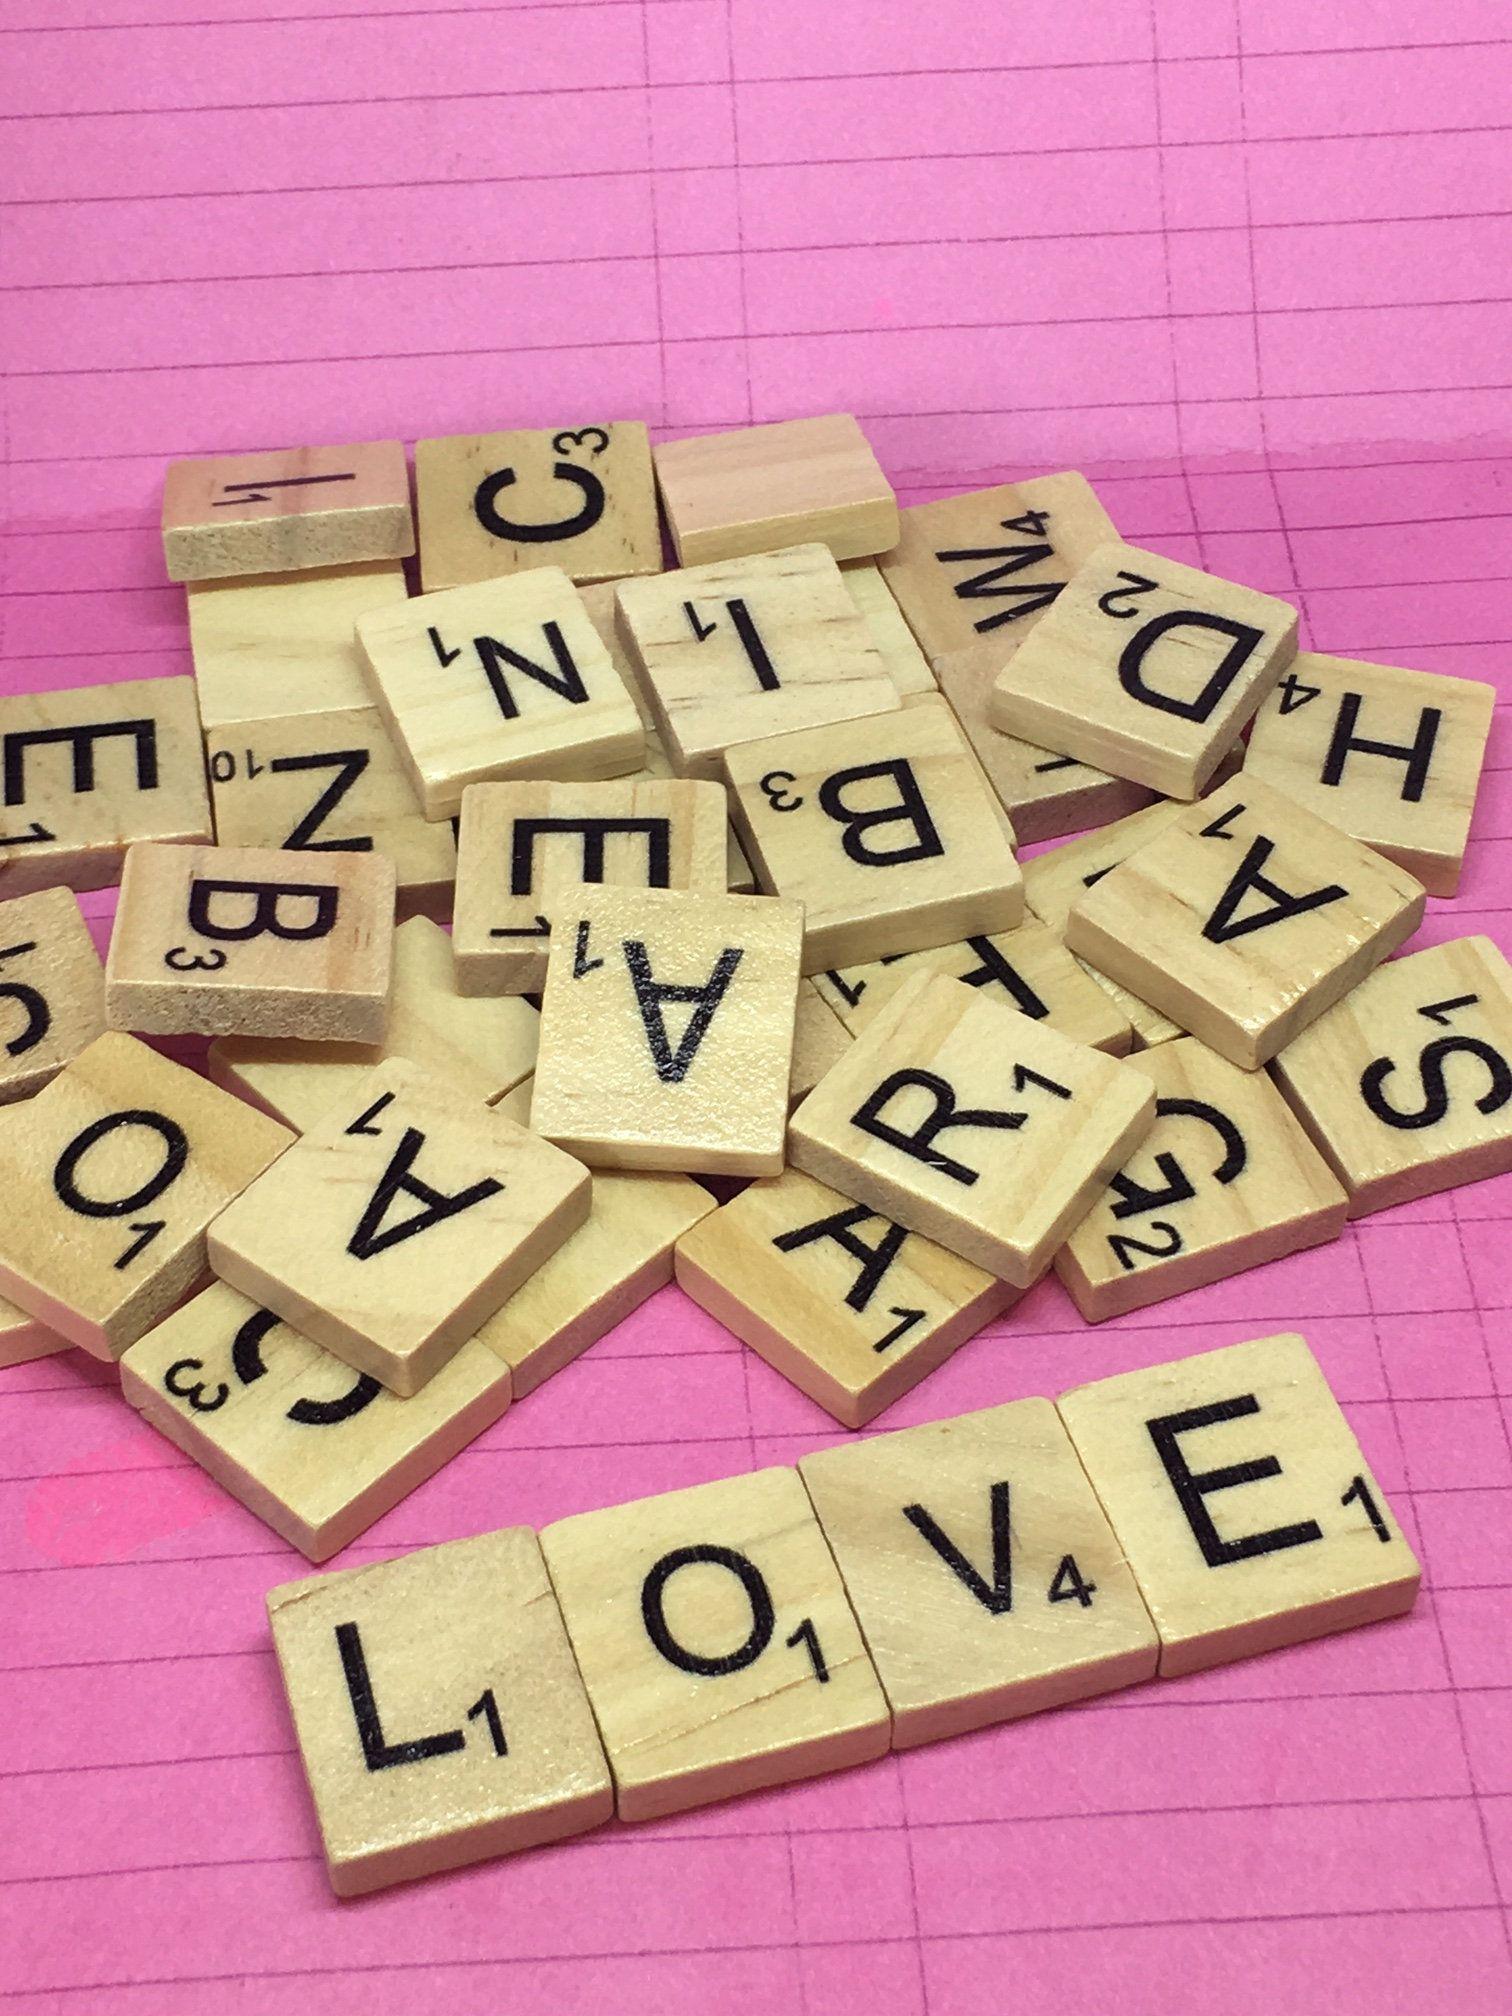 NEW! 100 Scrabble Tiles Pieces Wooden Alphabet Letters